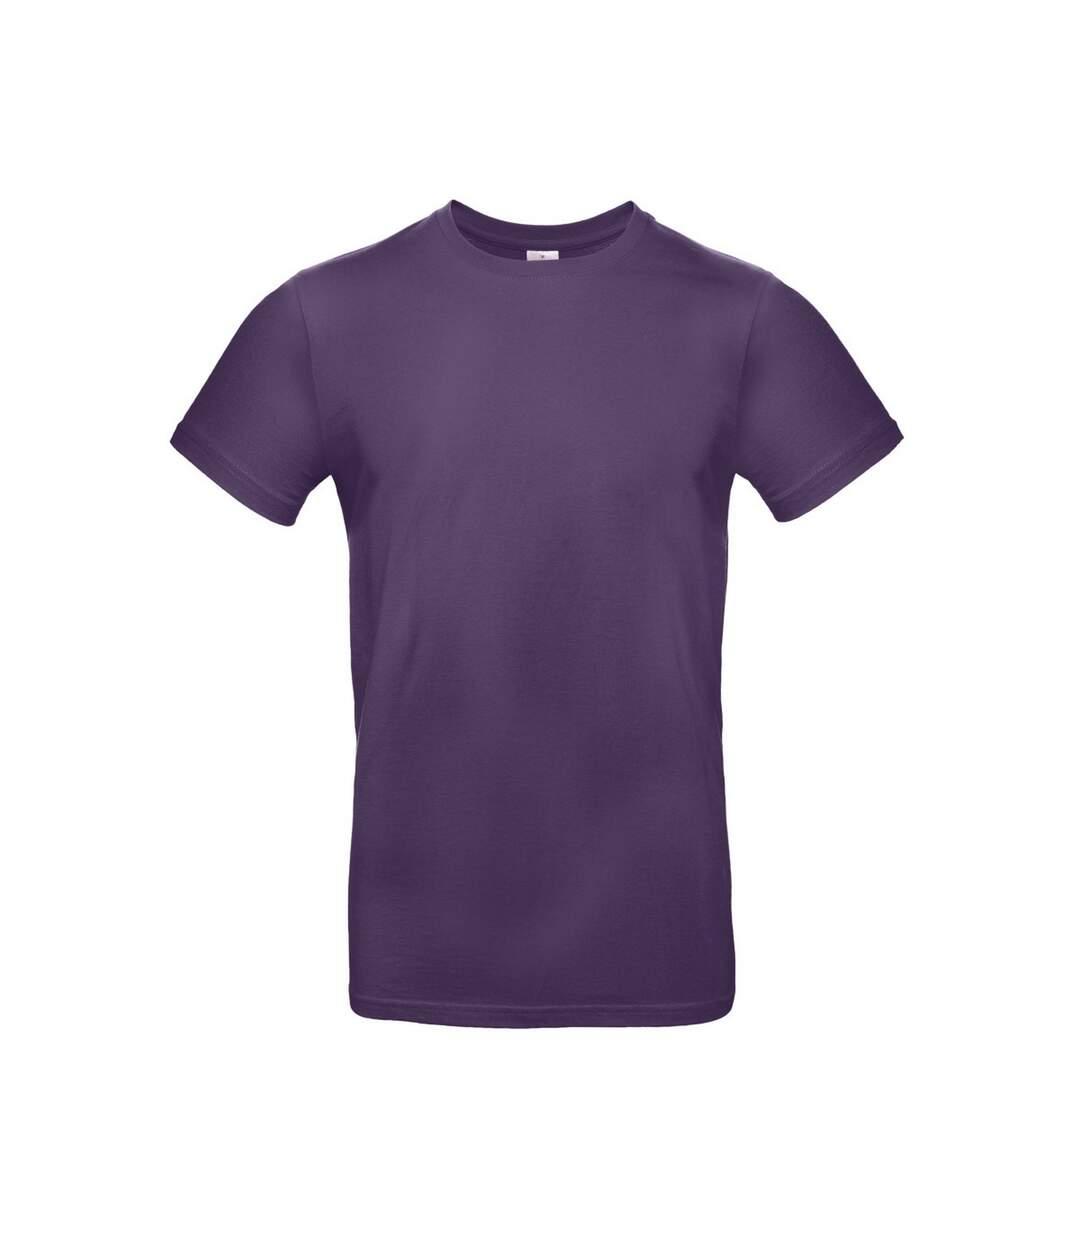 B&C Mens #E190 Tee (Urban Purple) - UTBC3911